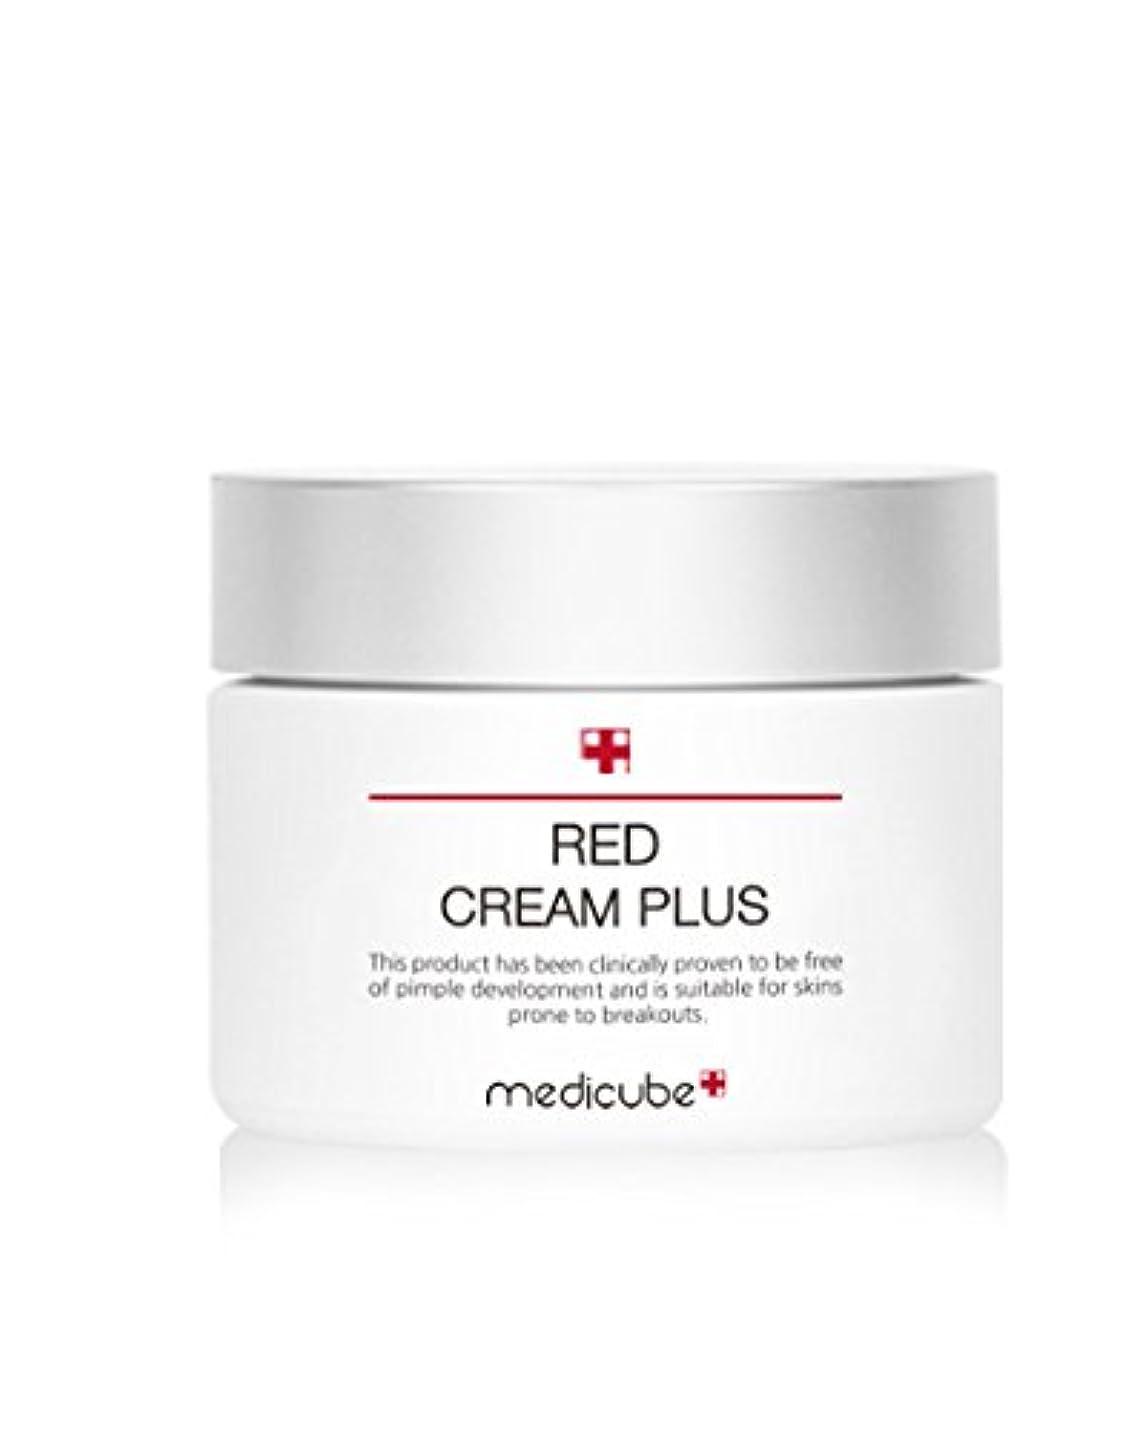 市区町村一生相反する[Medicube]メディキューブ レッド クリーム プラス 大容量 100ml / Medicube Red Cream Plus 100ml [並行輸入品]